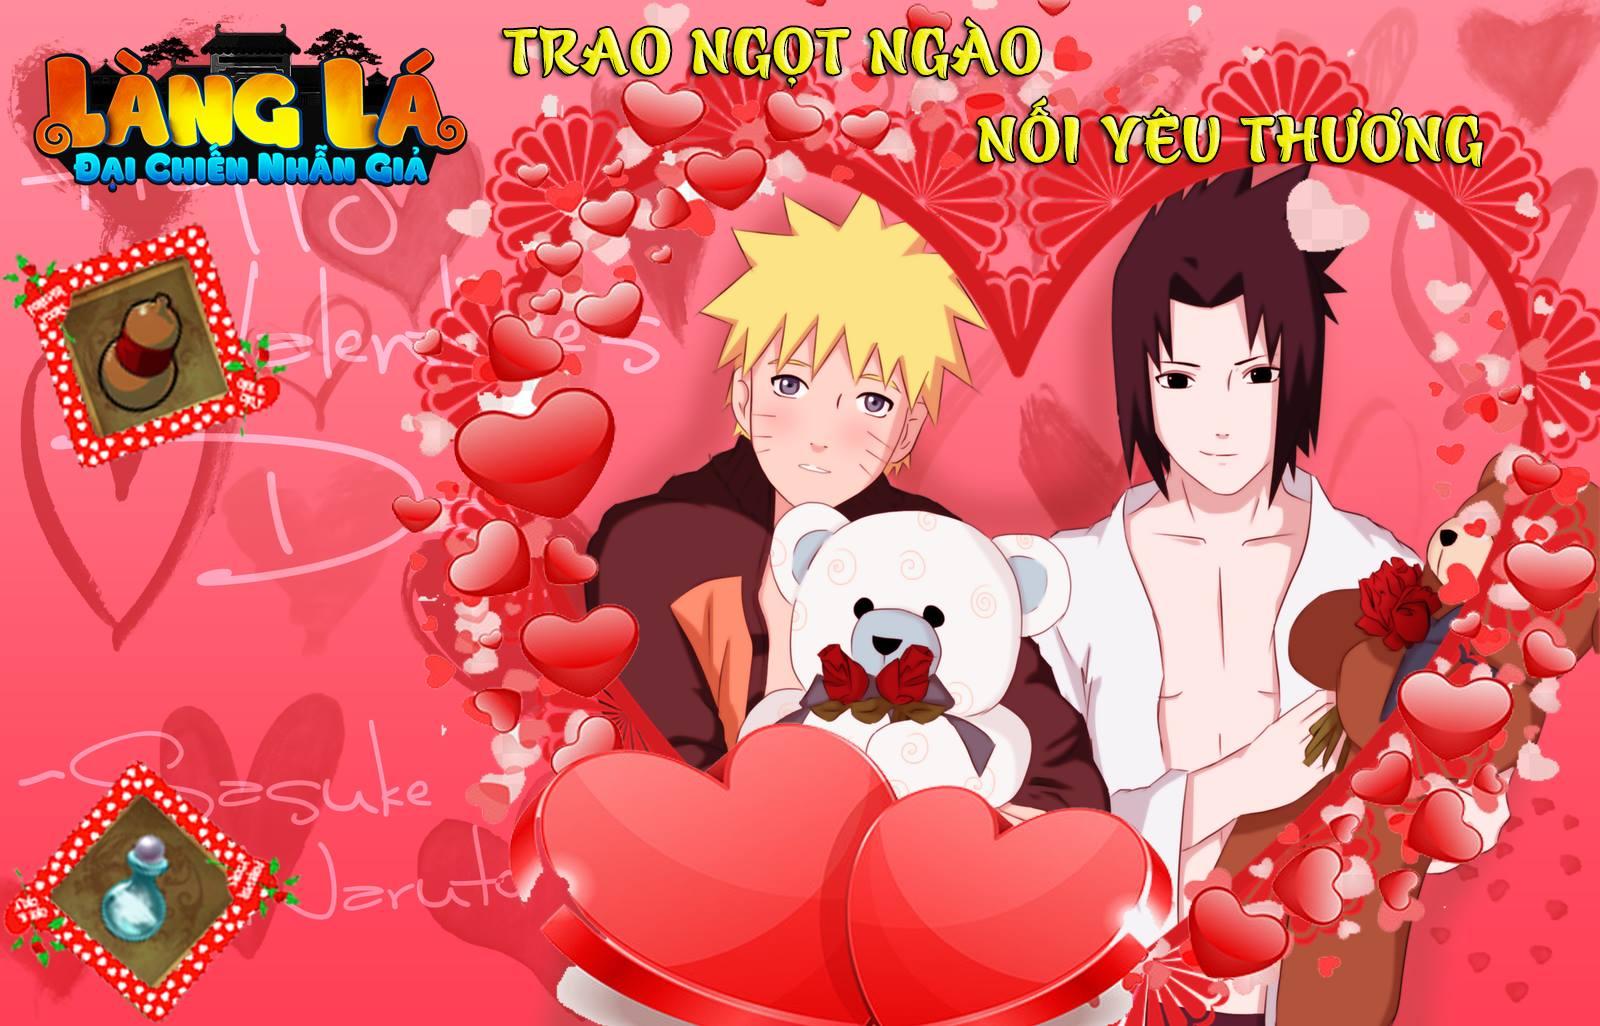 valentine-ngot-ngao-trao-ngot-ngao-noi-yeu-thuong